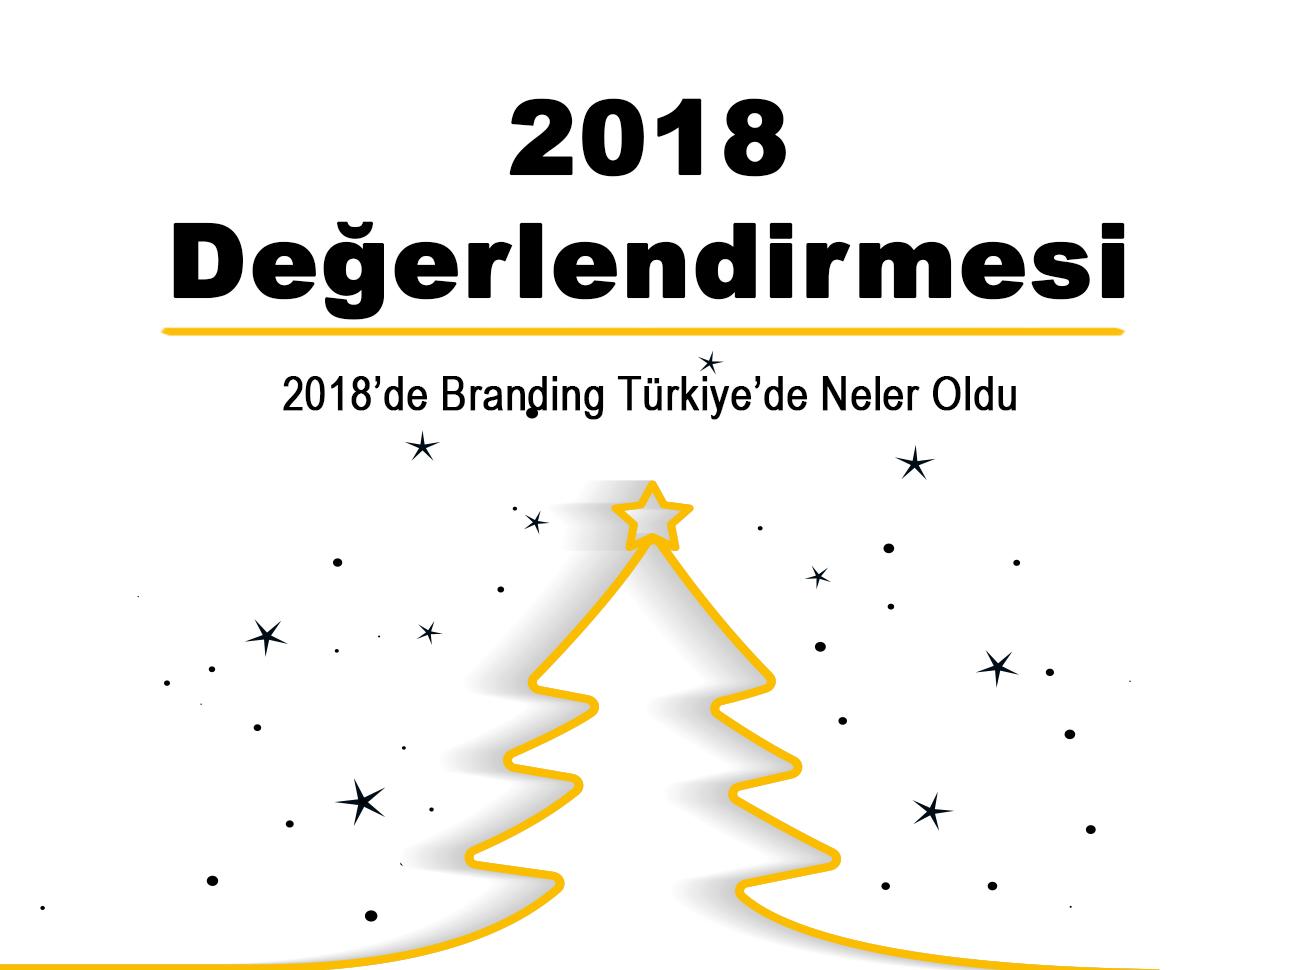 2018'de Branding Türkiye'de Neler Oldu?